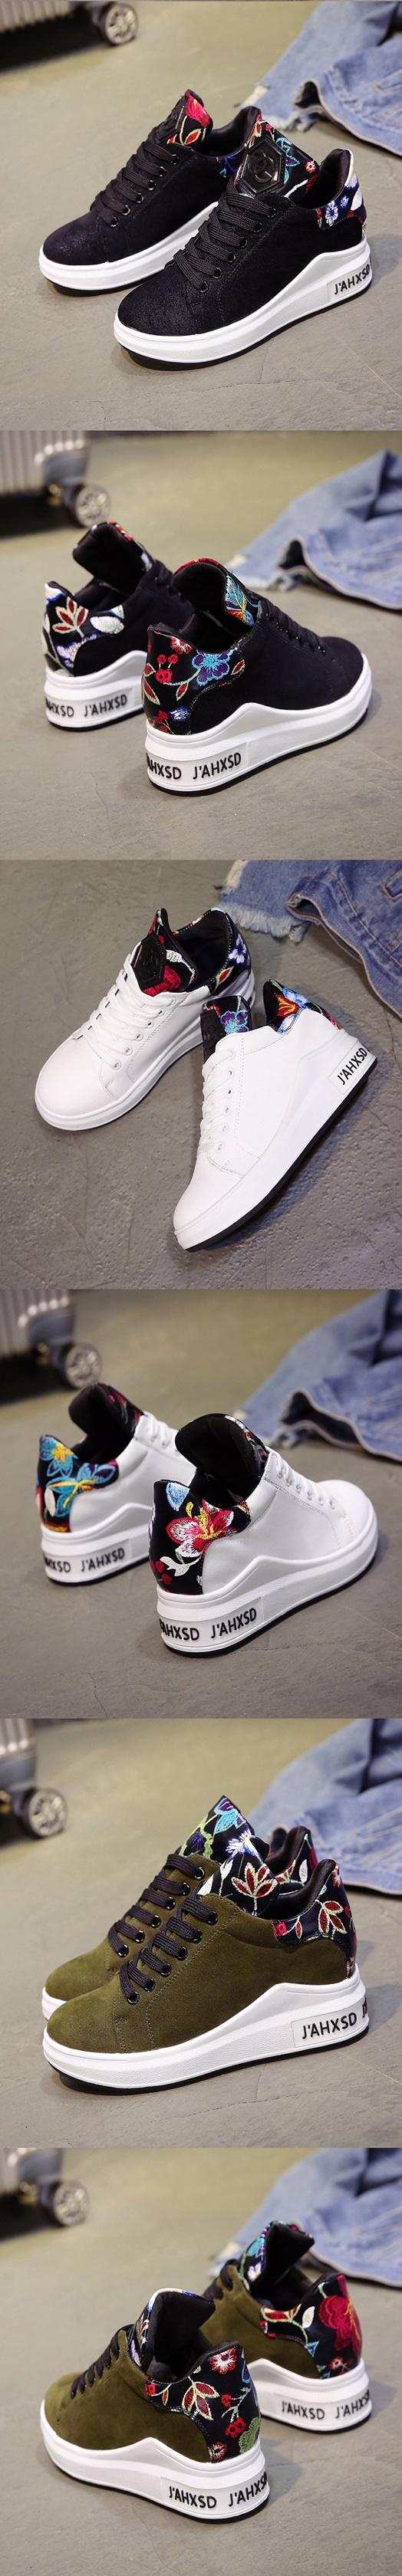 รองเท้าผ้าใบแฟชั่นเสริมสูง 6cm ไซต์ 35-40